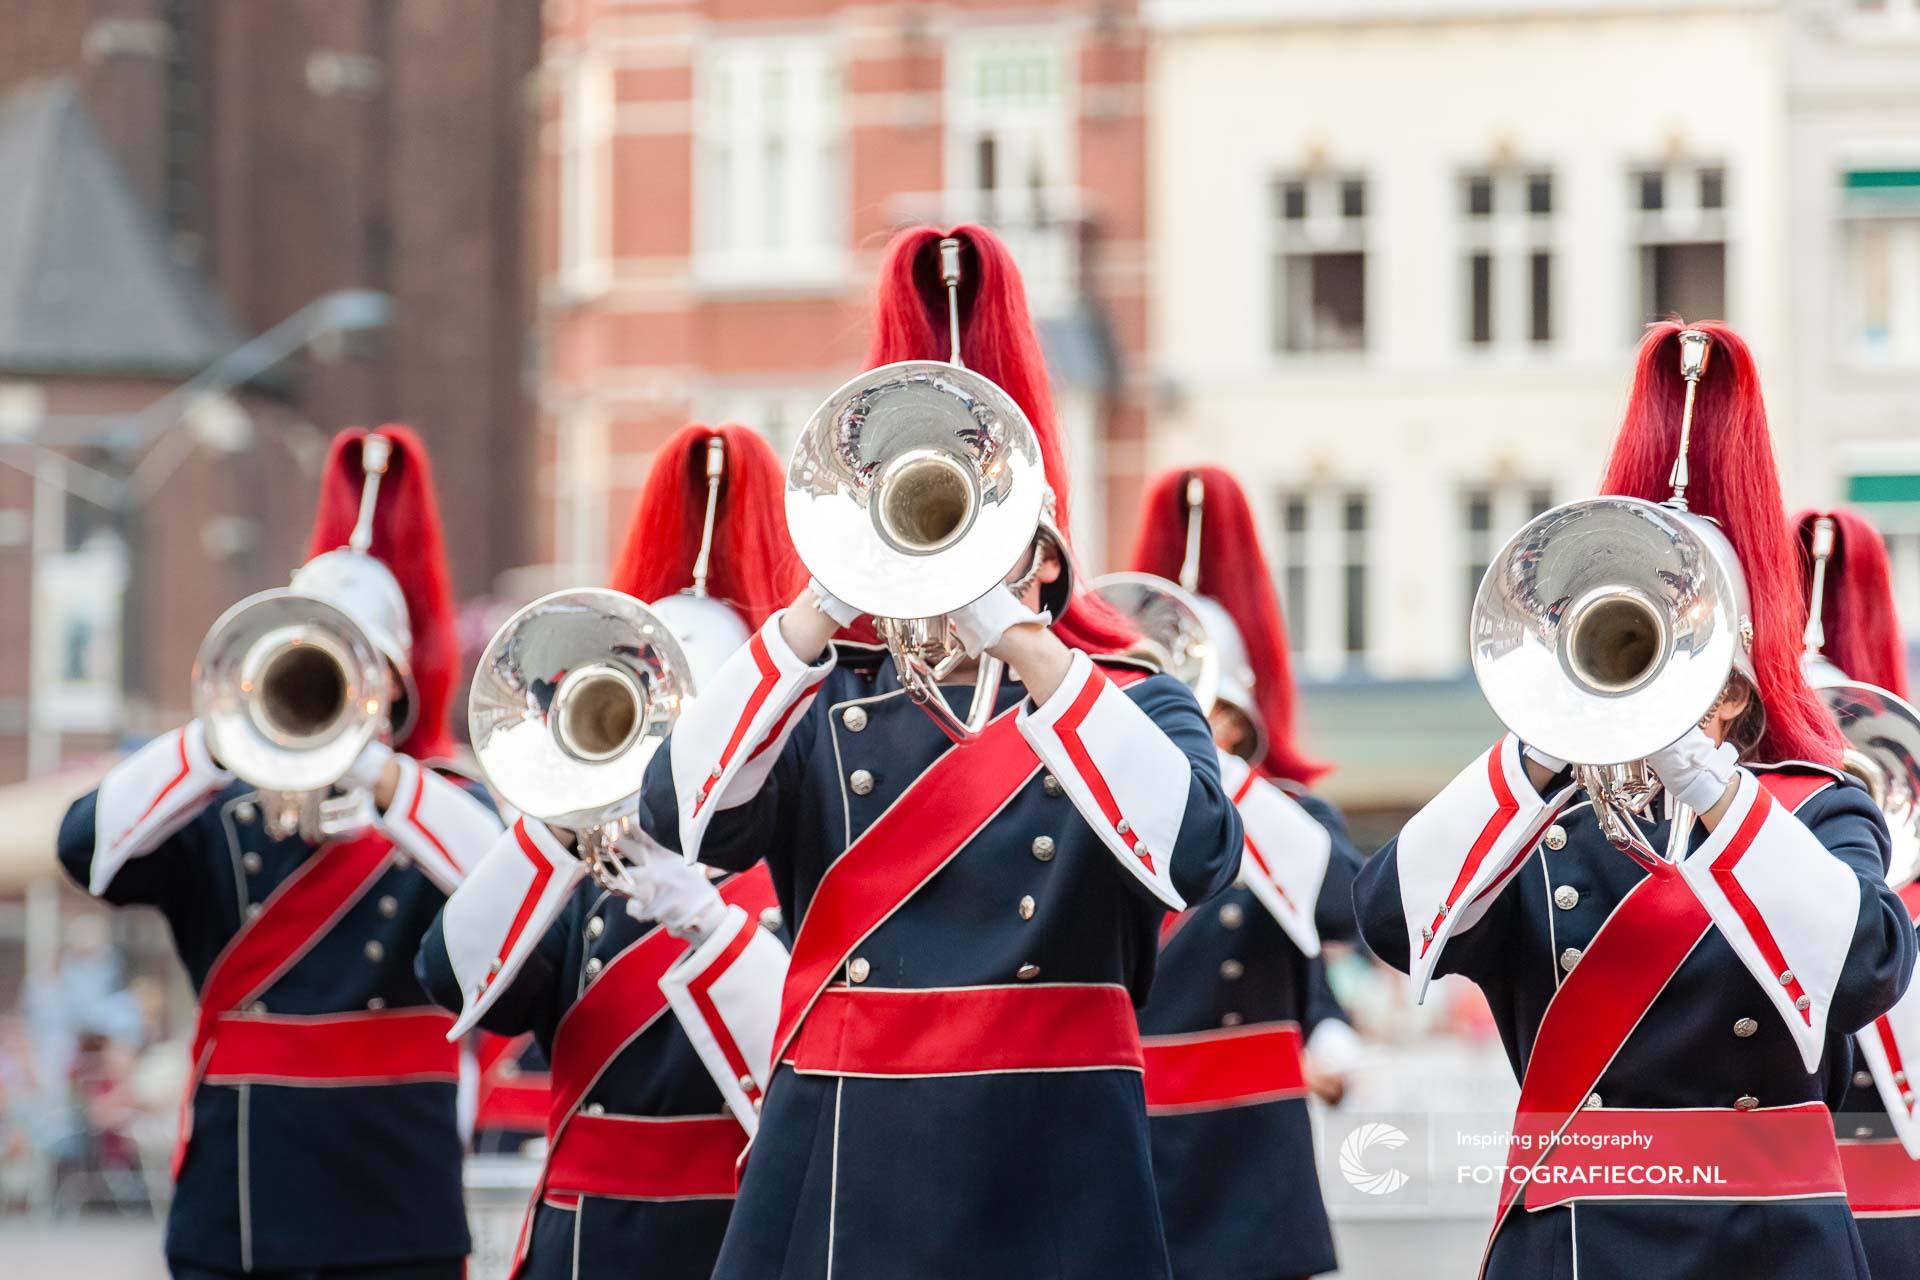 KTK | Bestellen | Kampen | evenement | fotograaf | fotografie © Fotografiecor.nl | Open repetitie